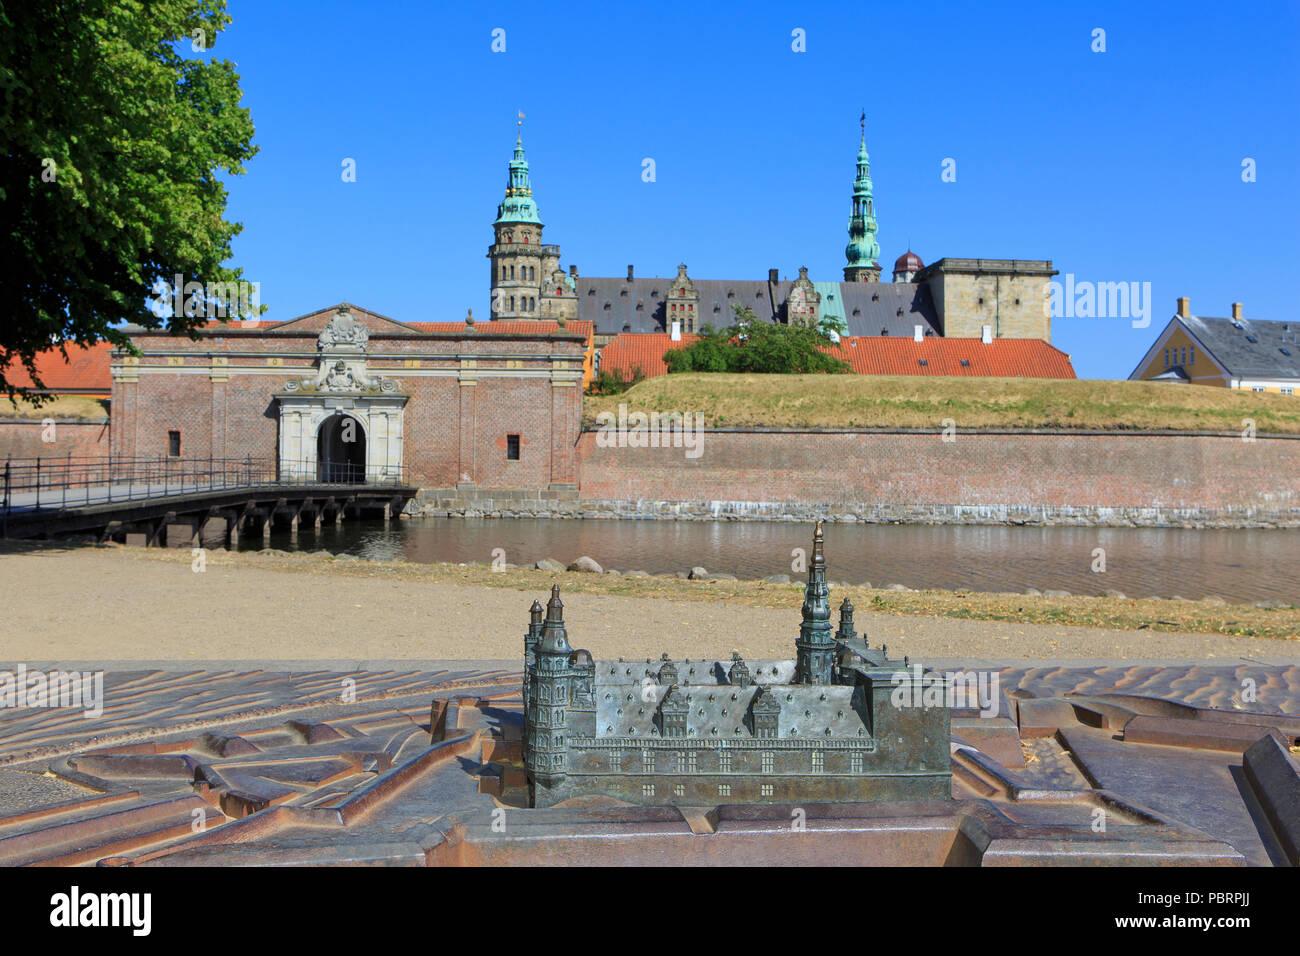 A scale model of Kronborg Castle (a UNESCO World Heritage Site since 2000) in Helsingor, Denmark - Stock Image